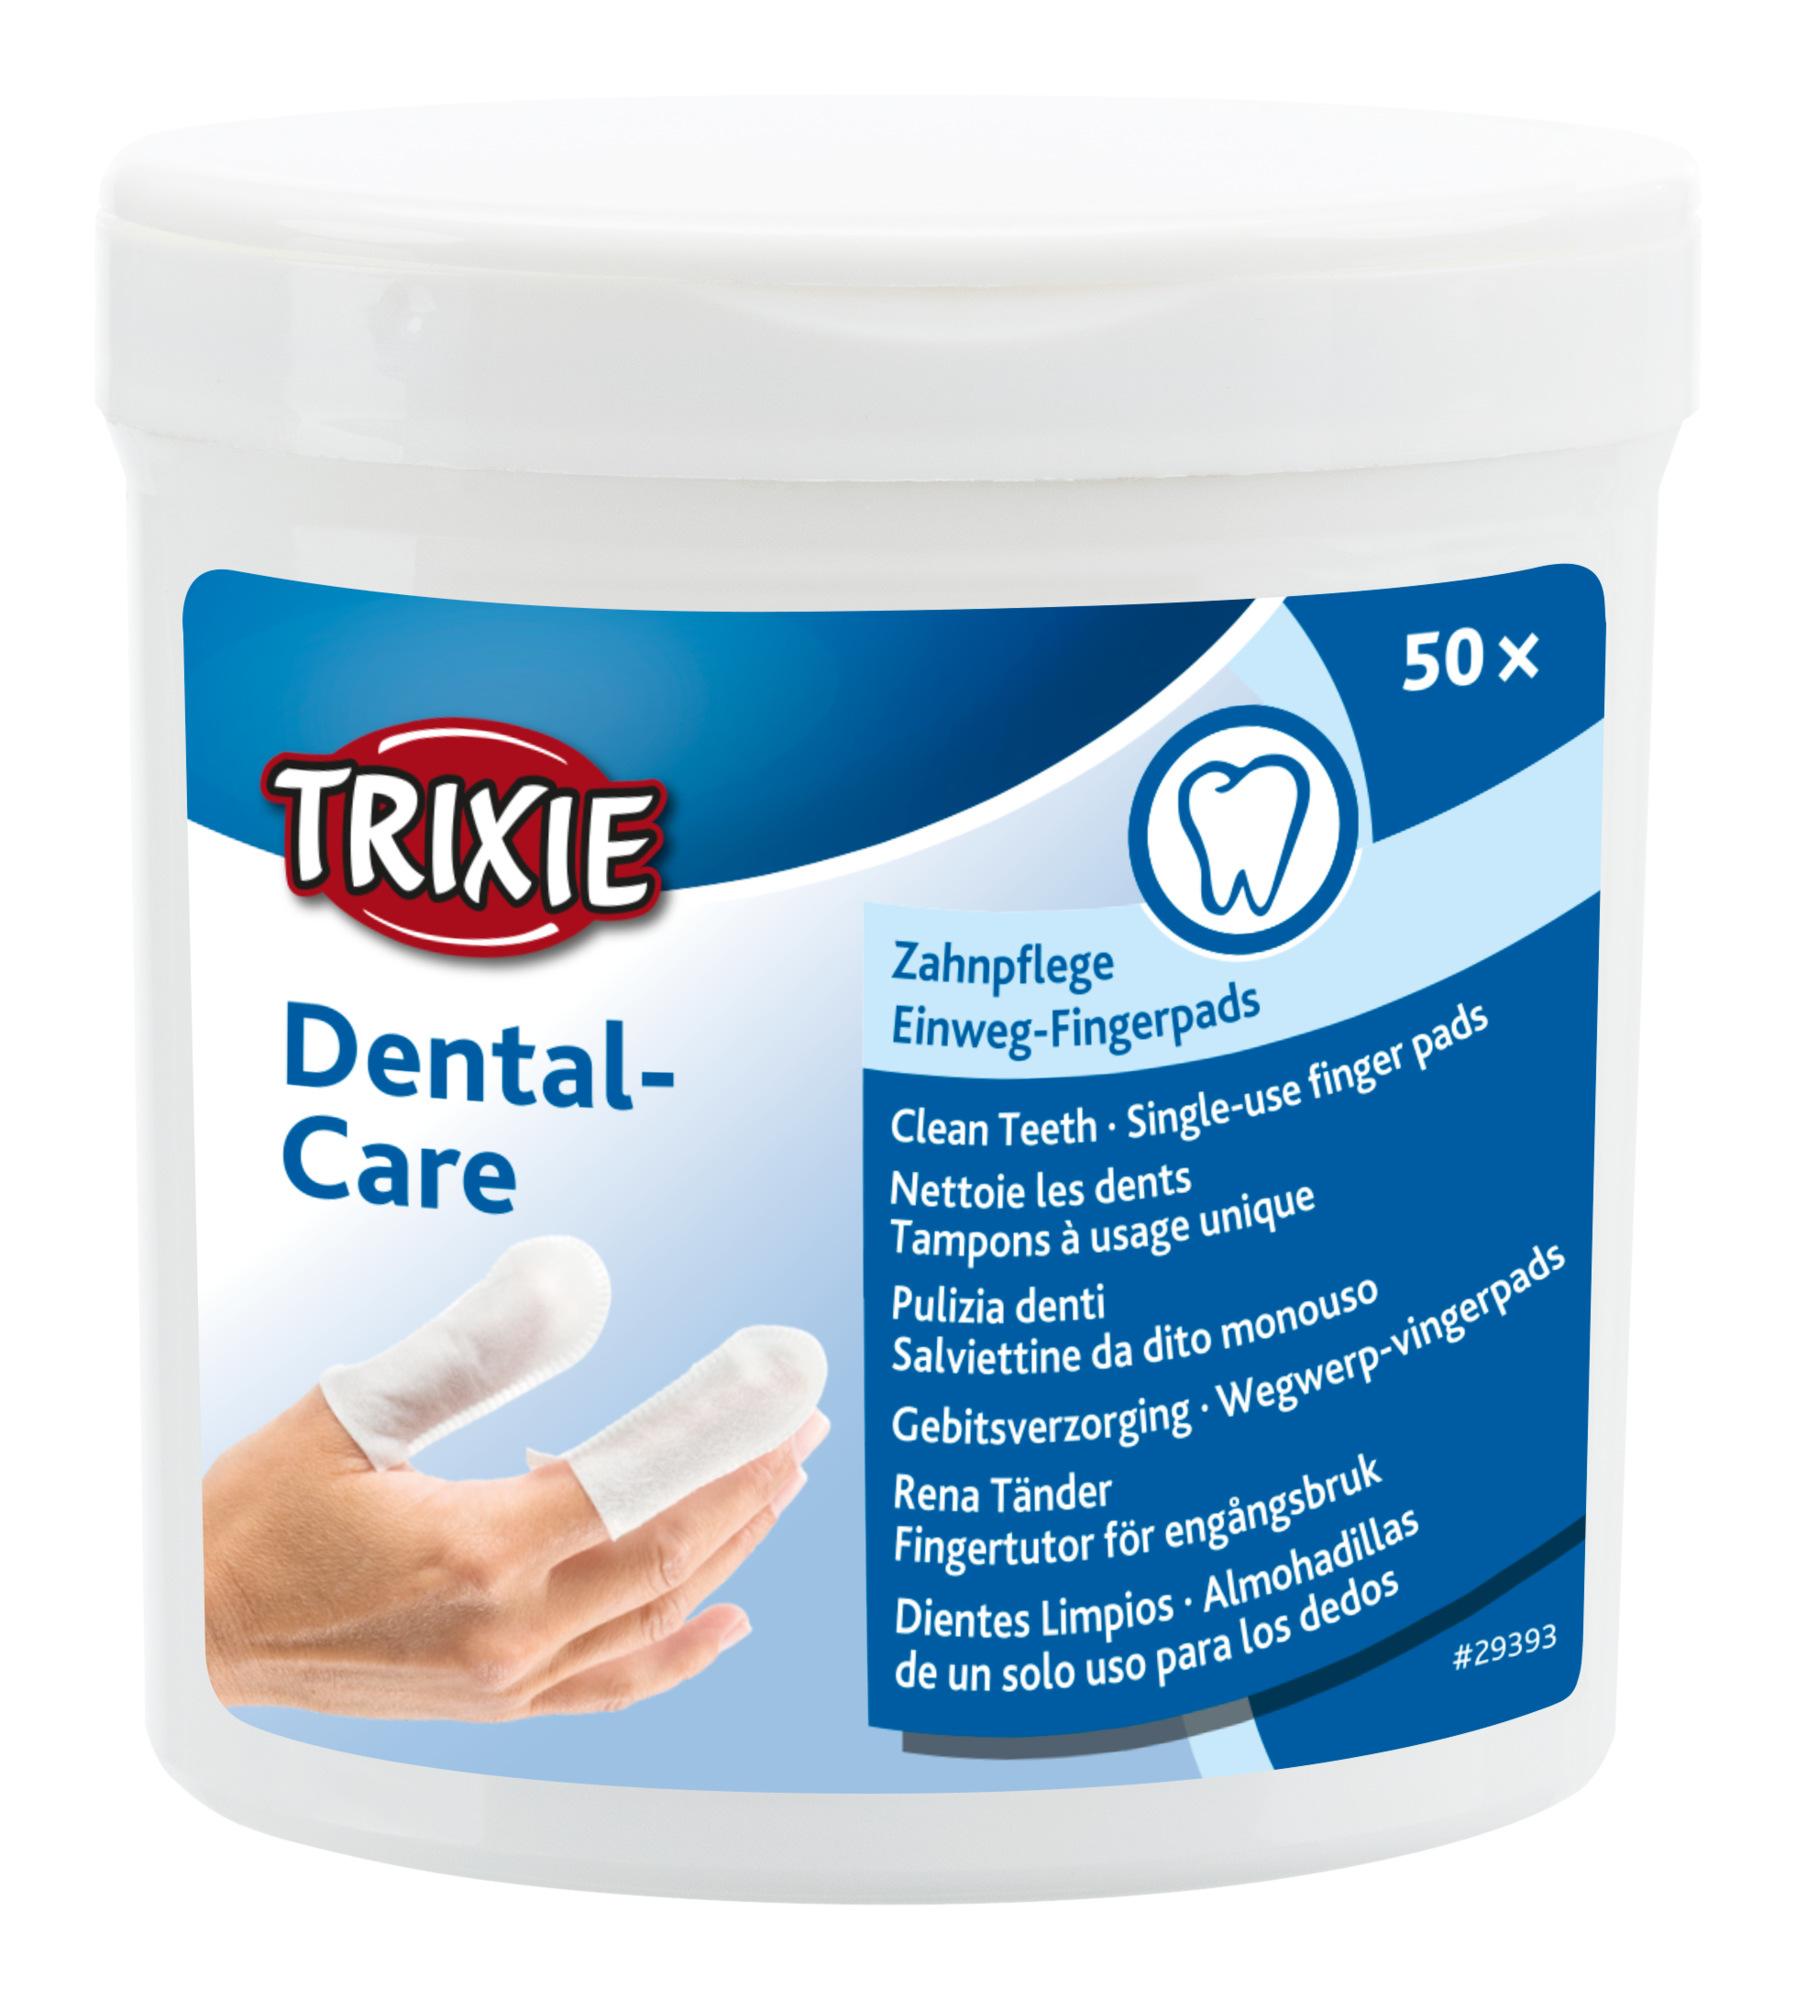 TRIXIE Dental Care Zahnpflege, Fingerpads, 50 St.